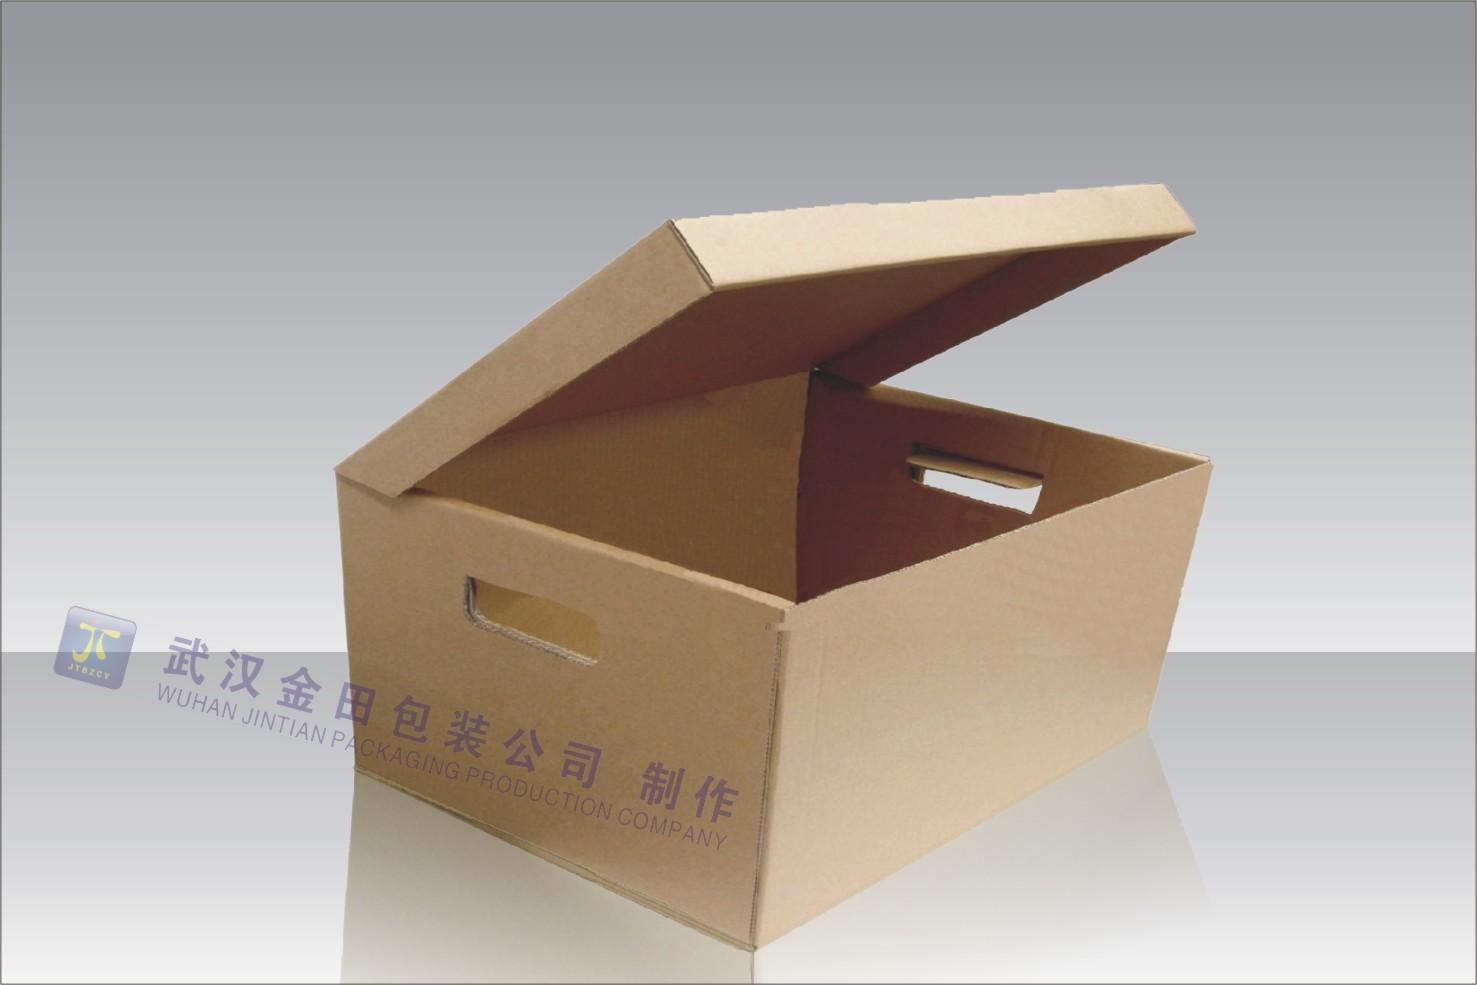 武漢紙箱包裝廠-金田包裝免費提供打板設計,質好價優!